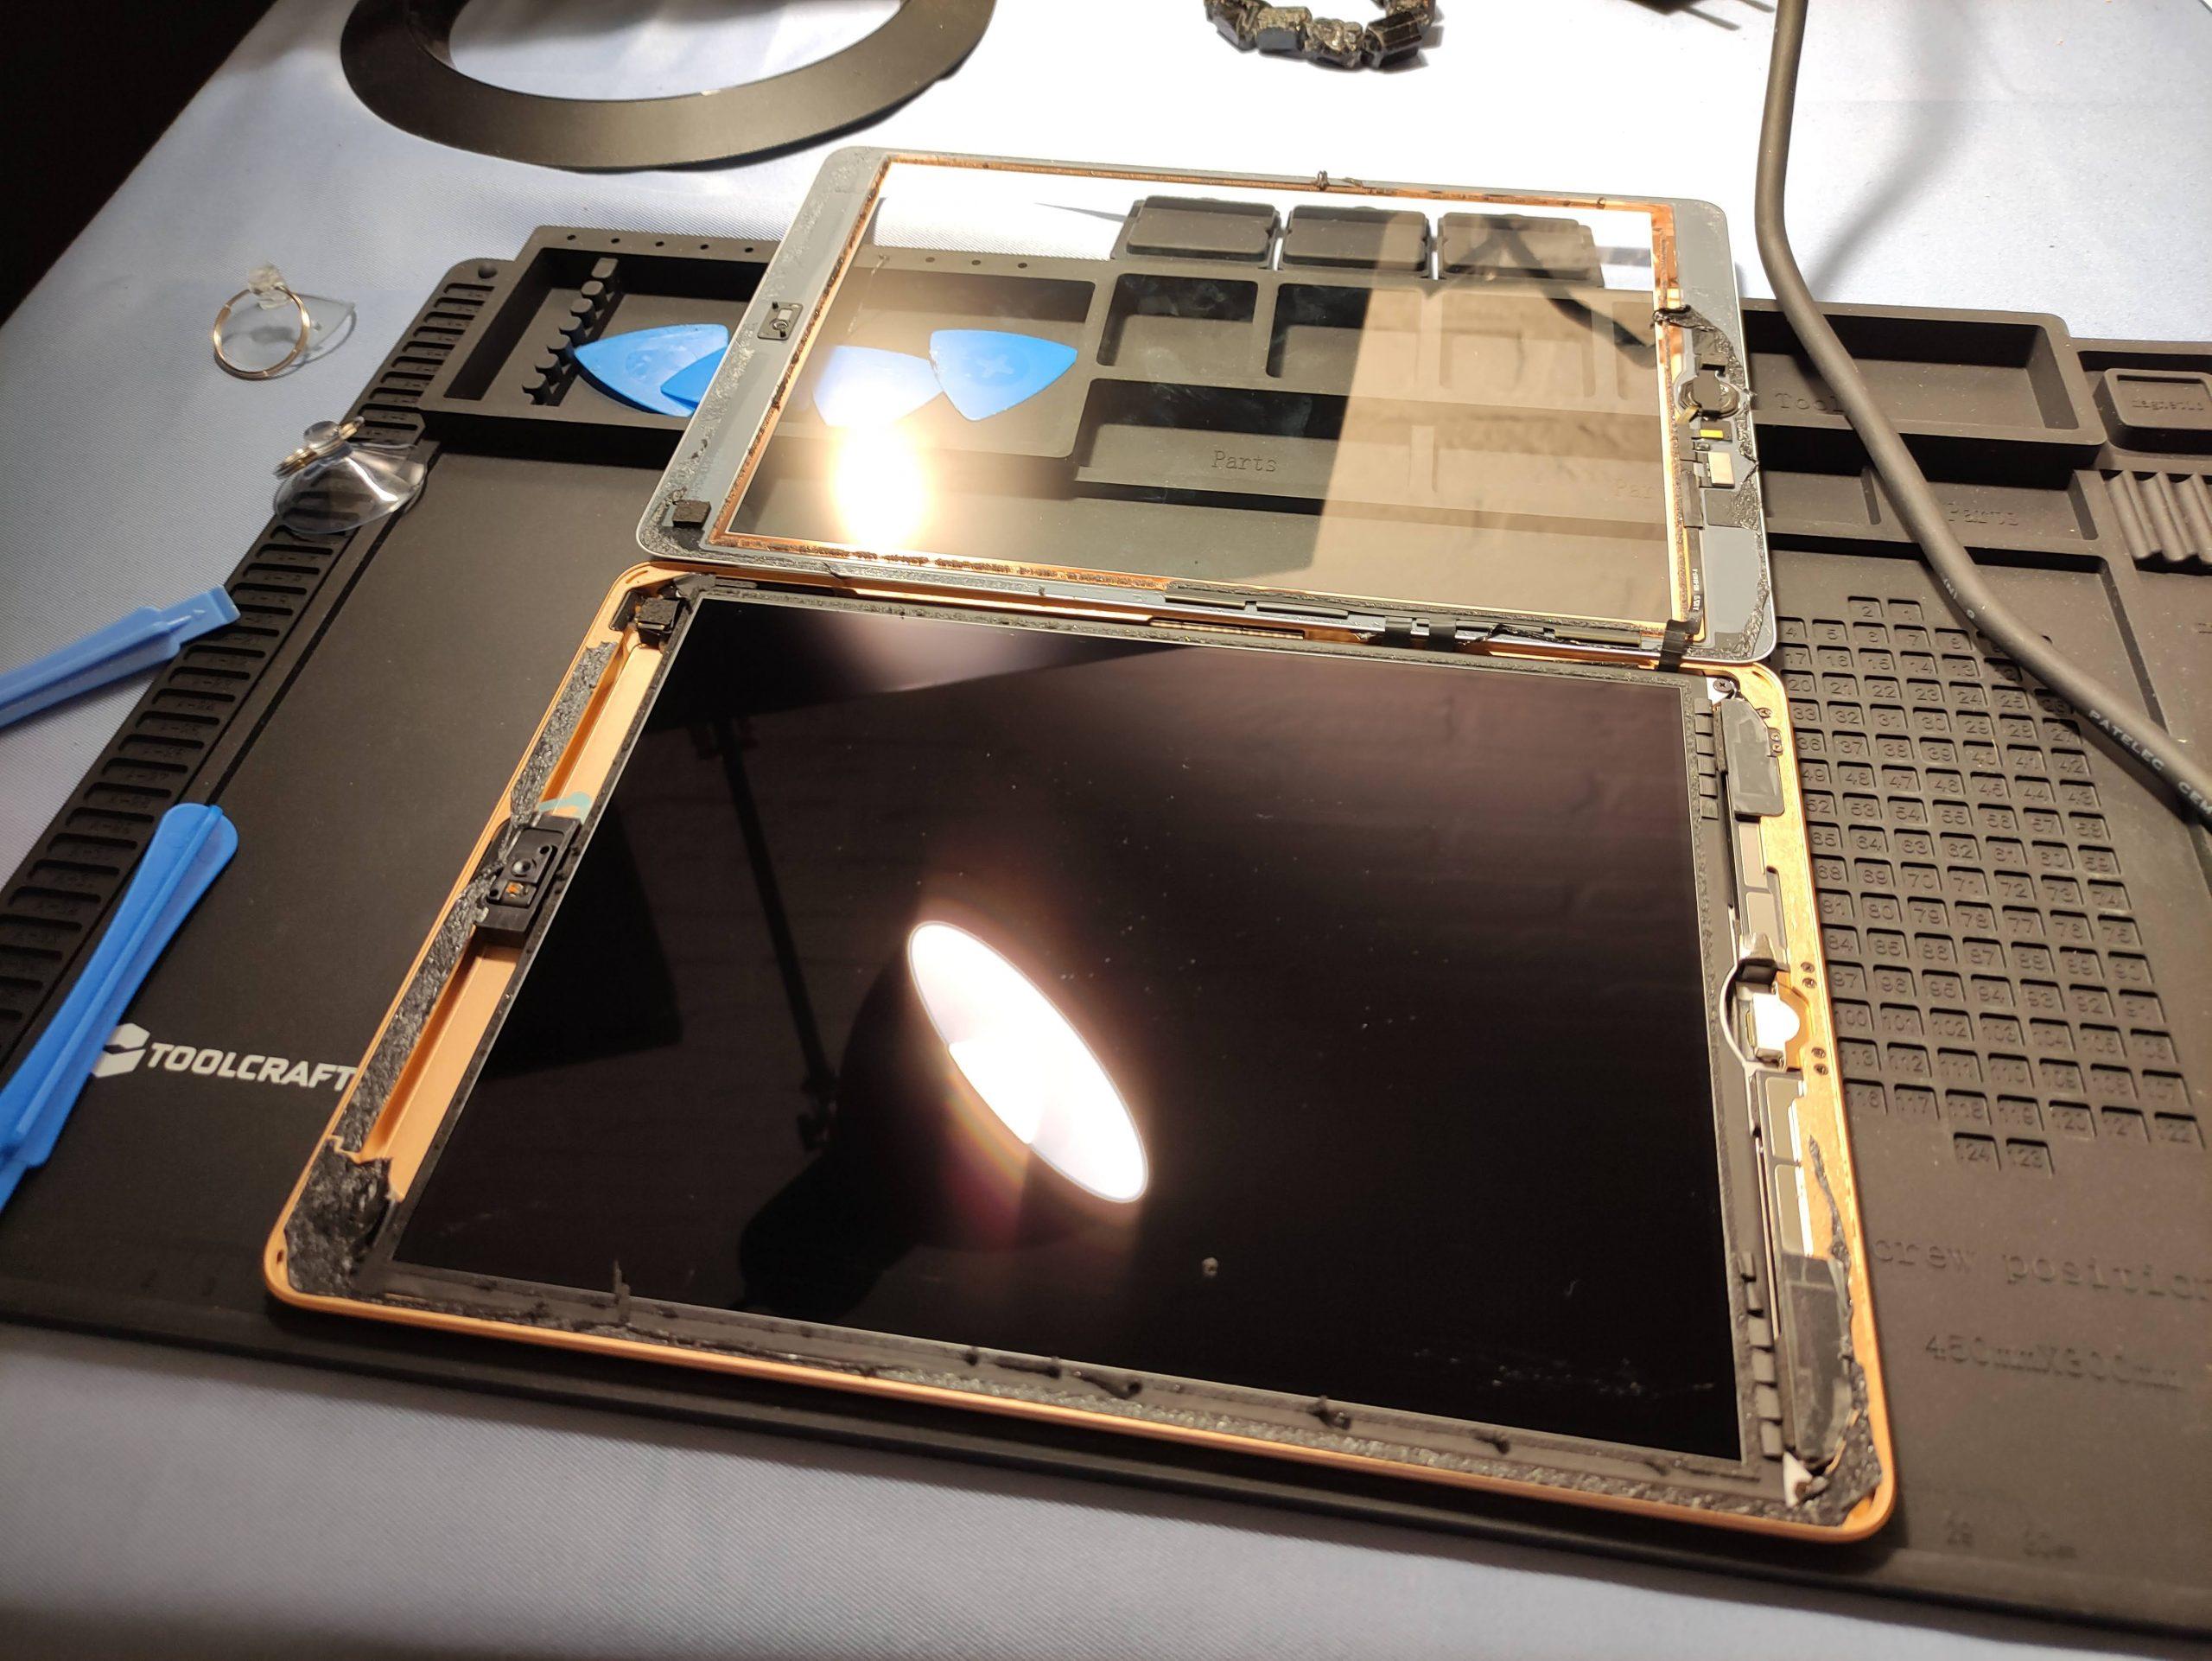 ipad reparatie scherm vervangen